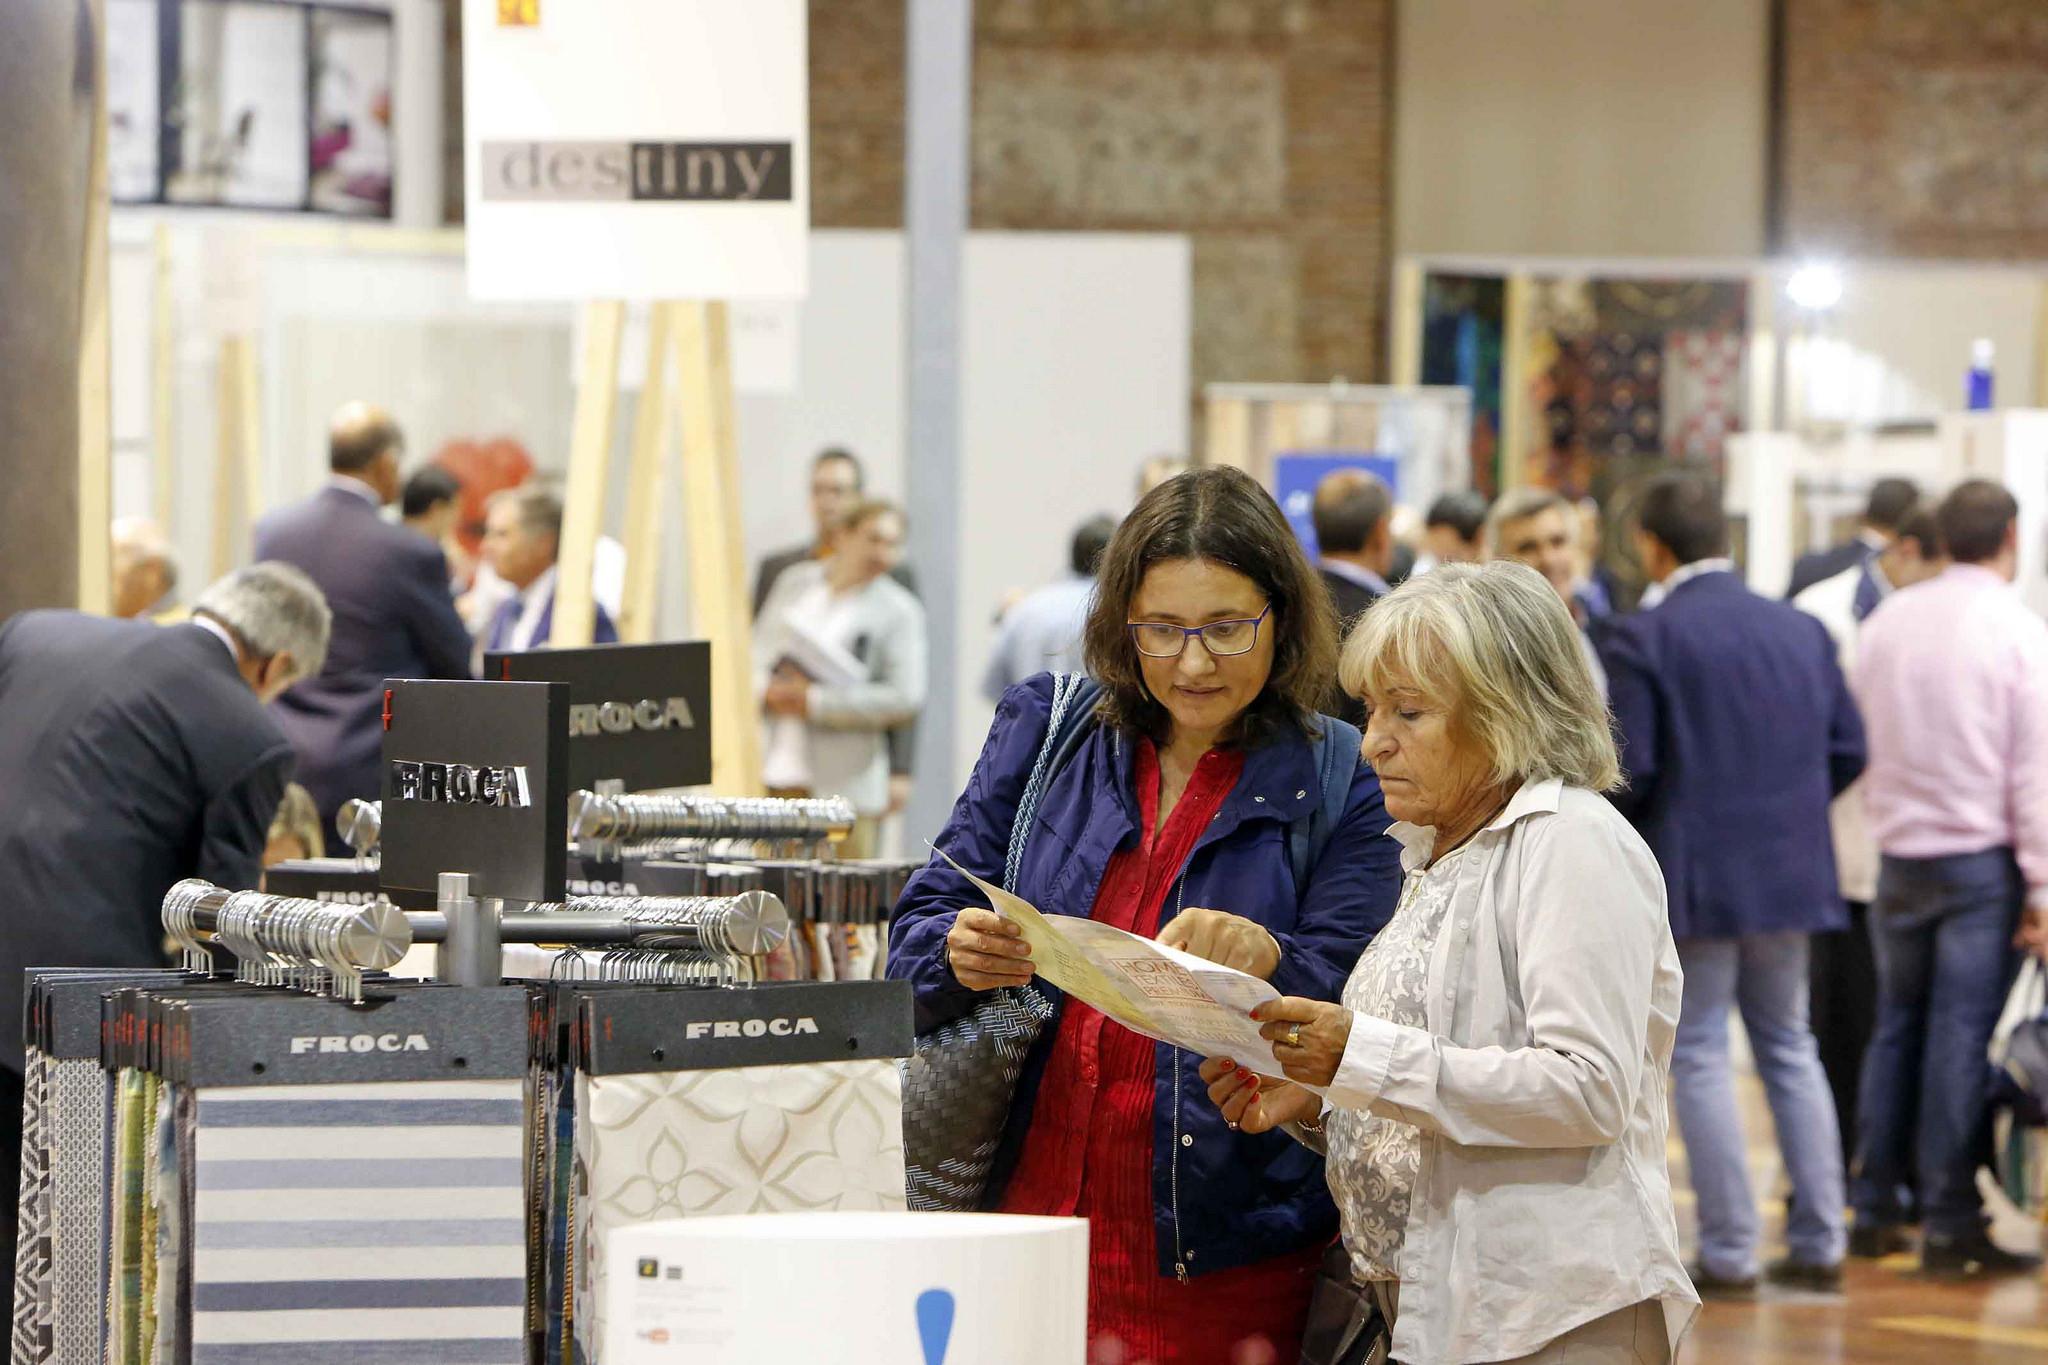 La feria crece 25% con la incorporación de nuevas firmas de alta gama